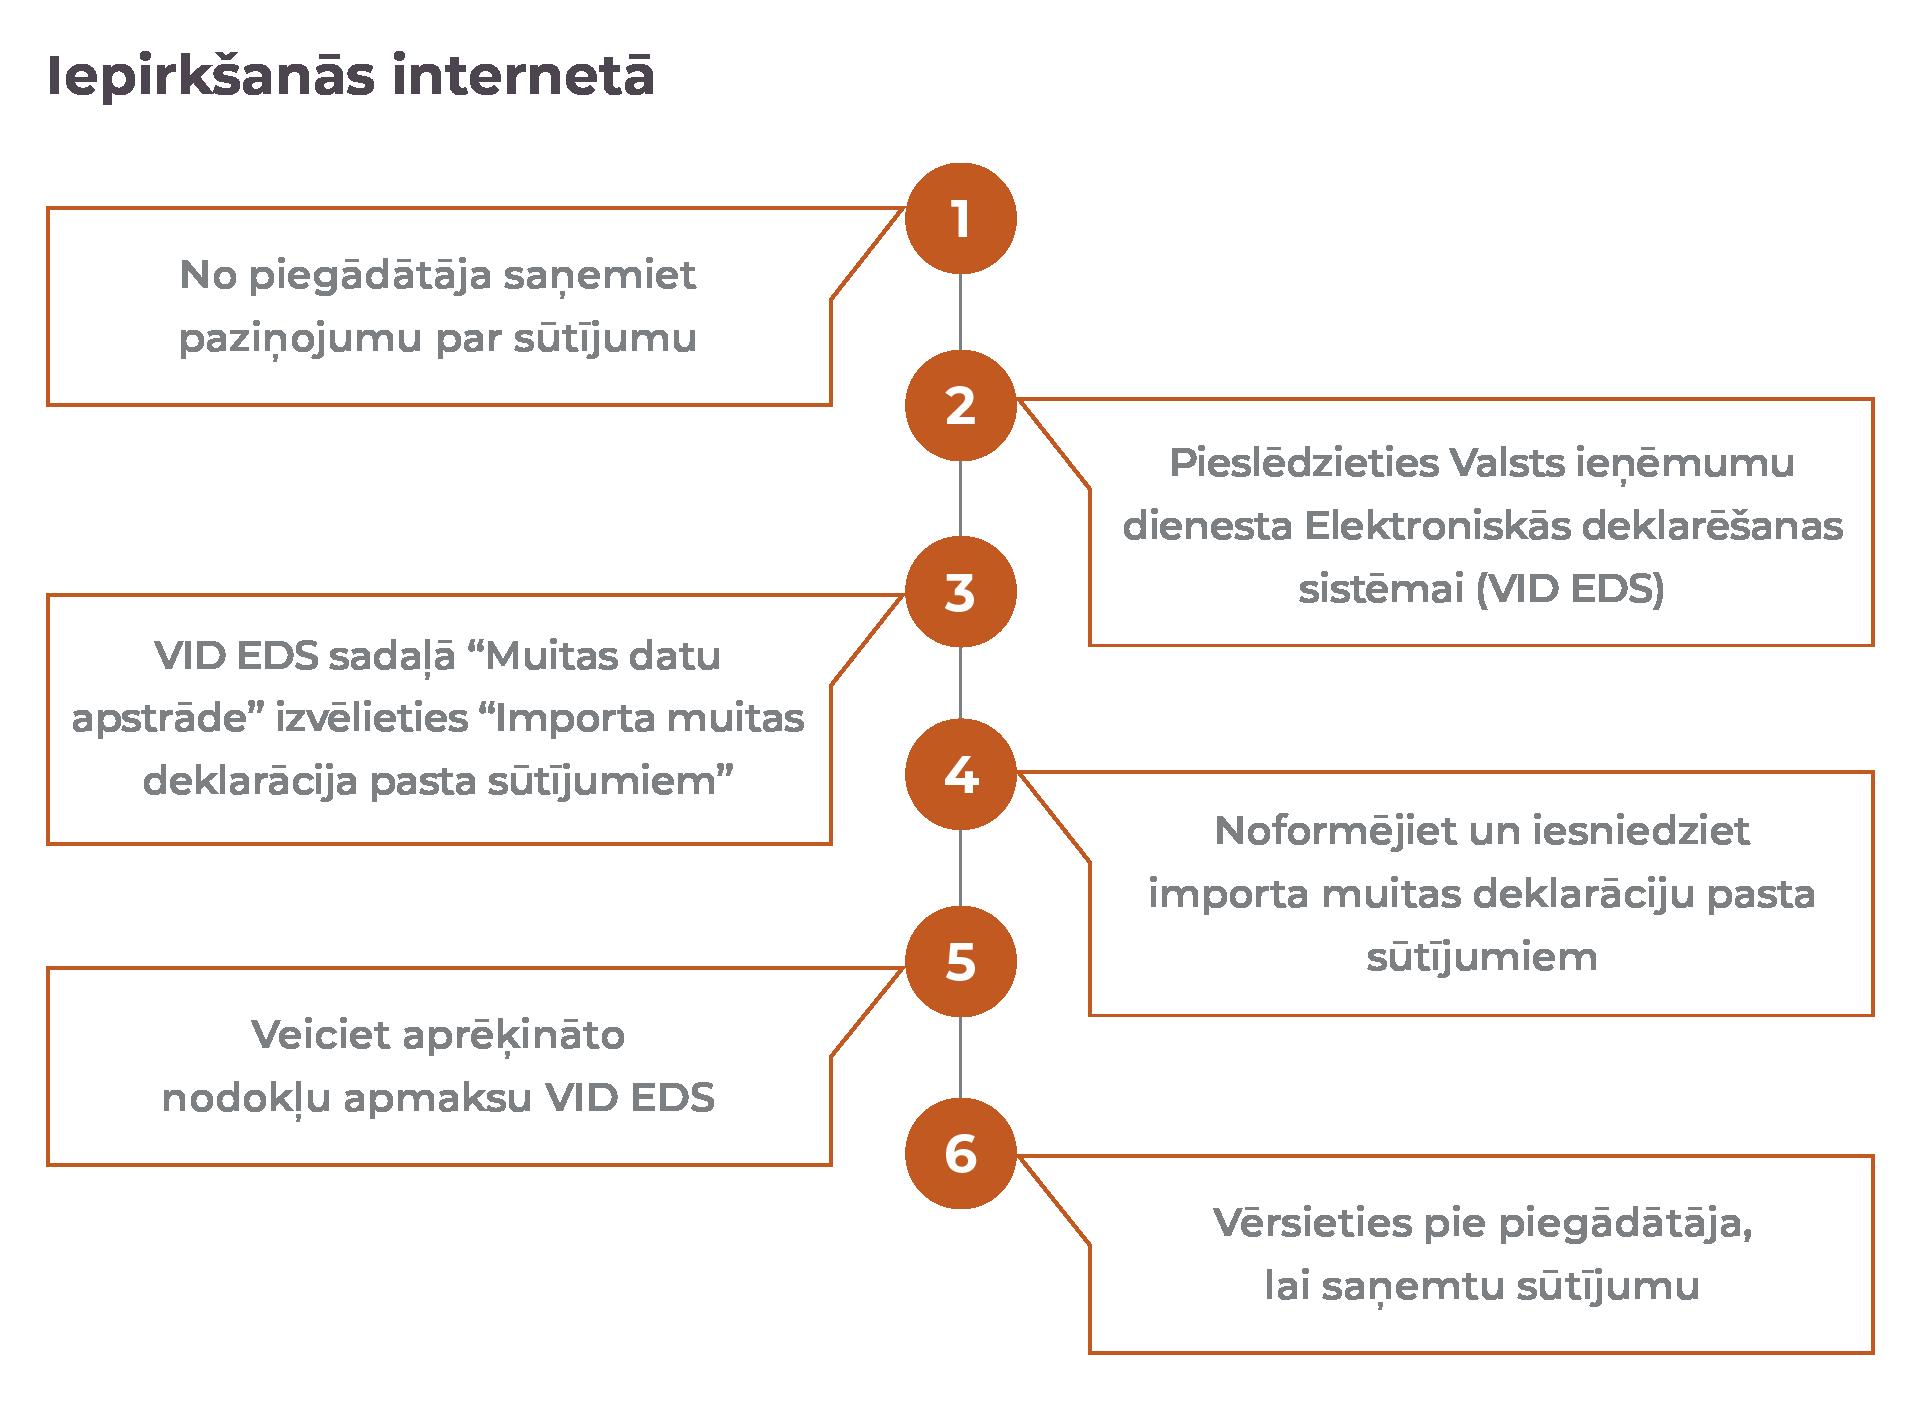 lielākie ieņēmumi internetā bez ieguldījumiem 2020)